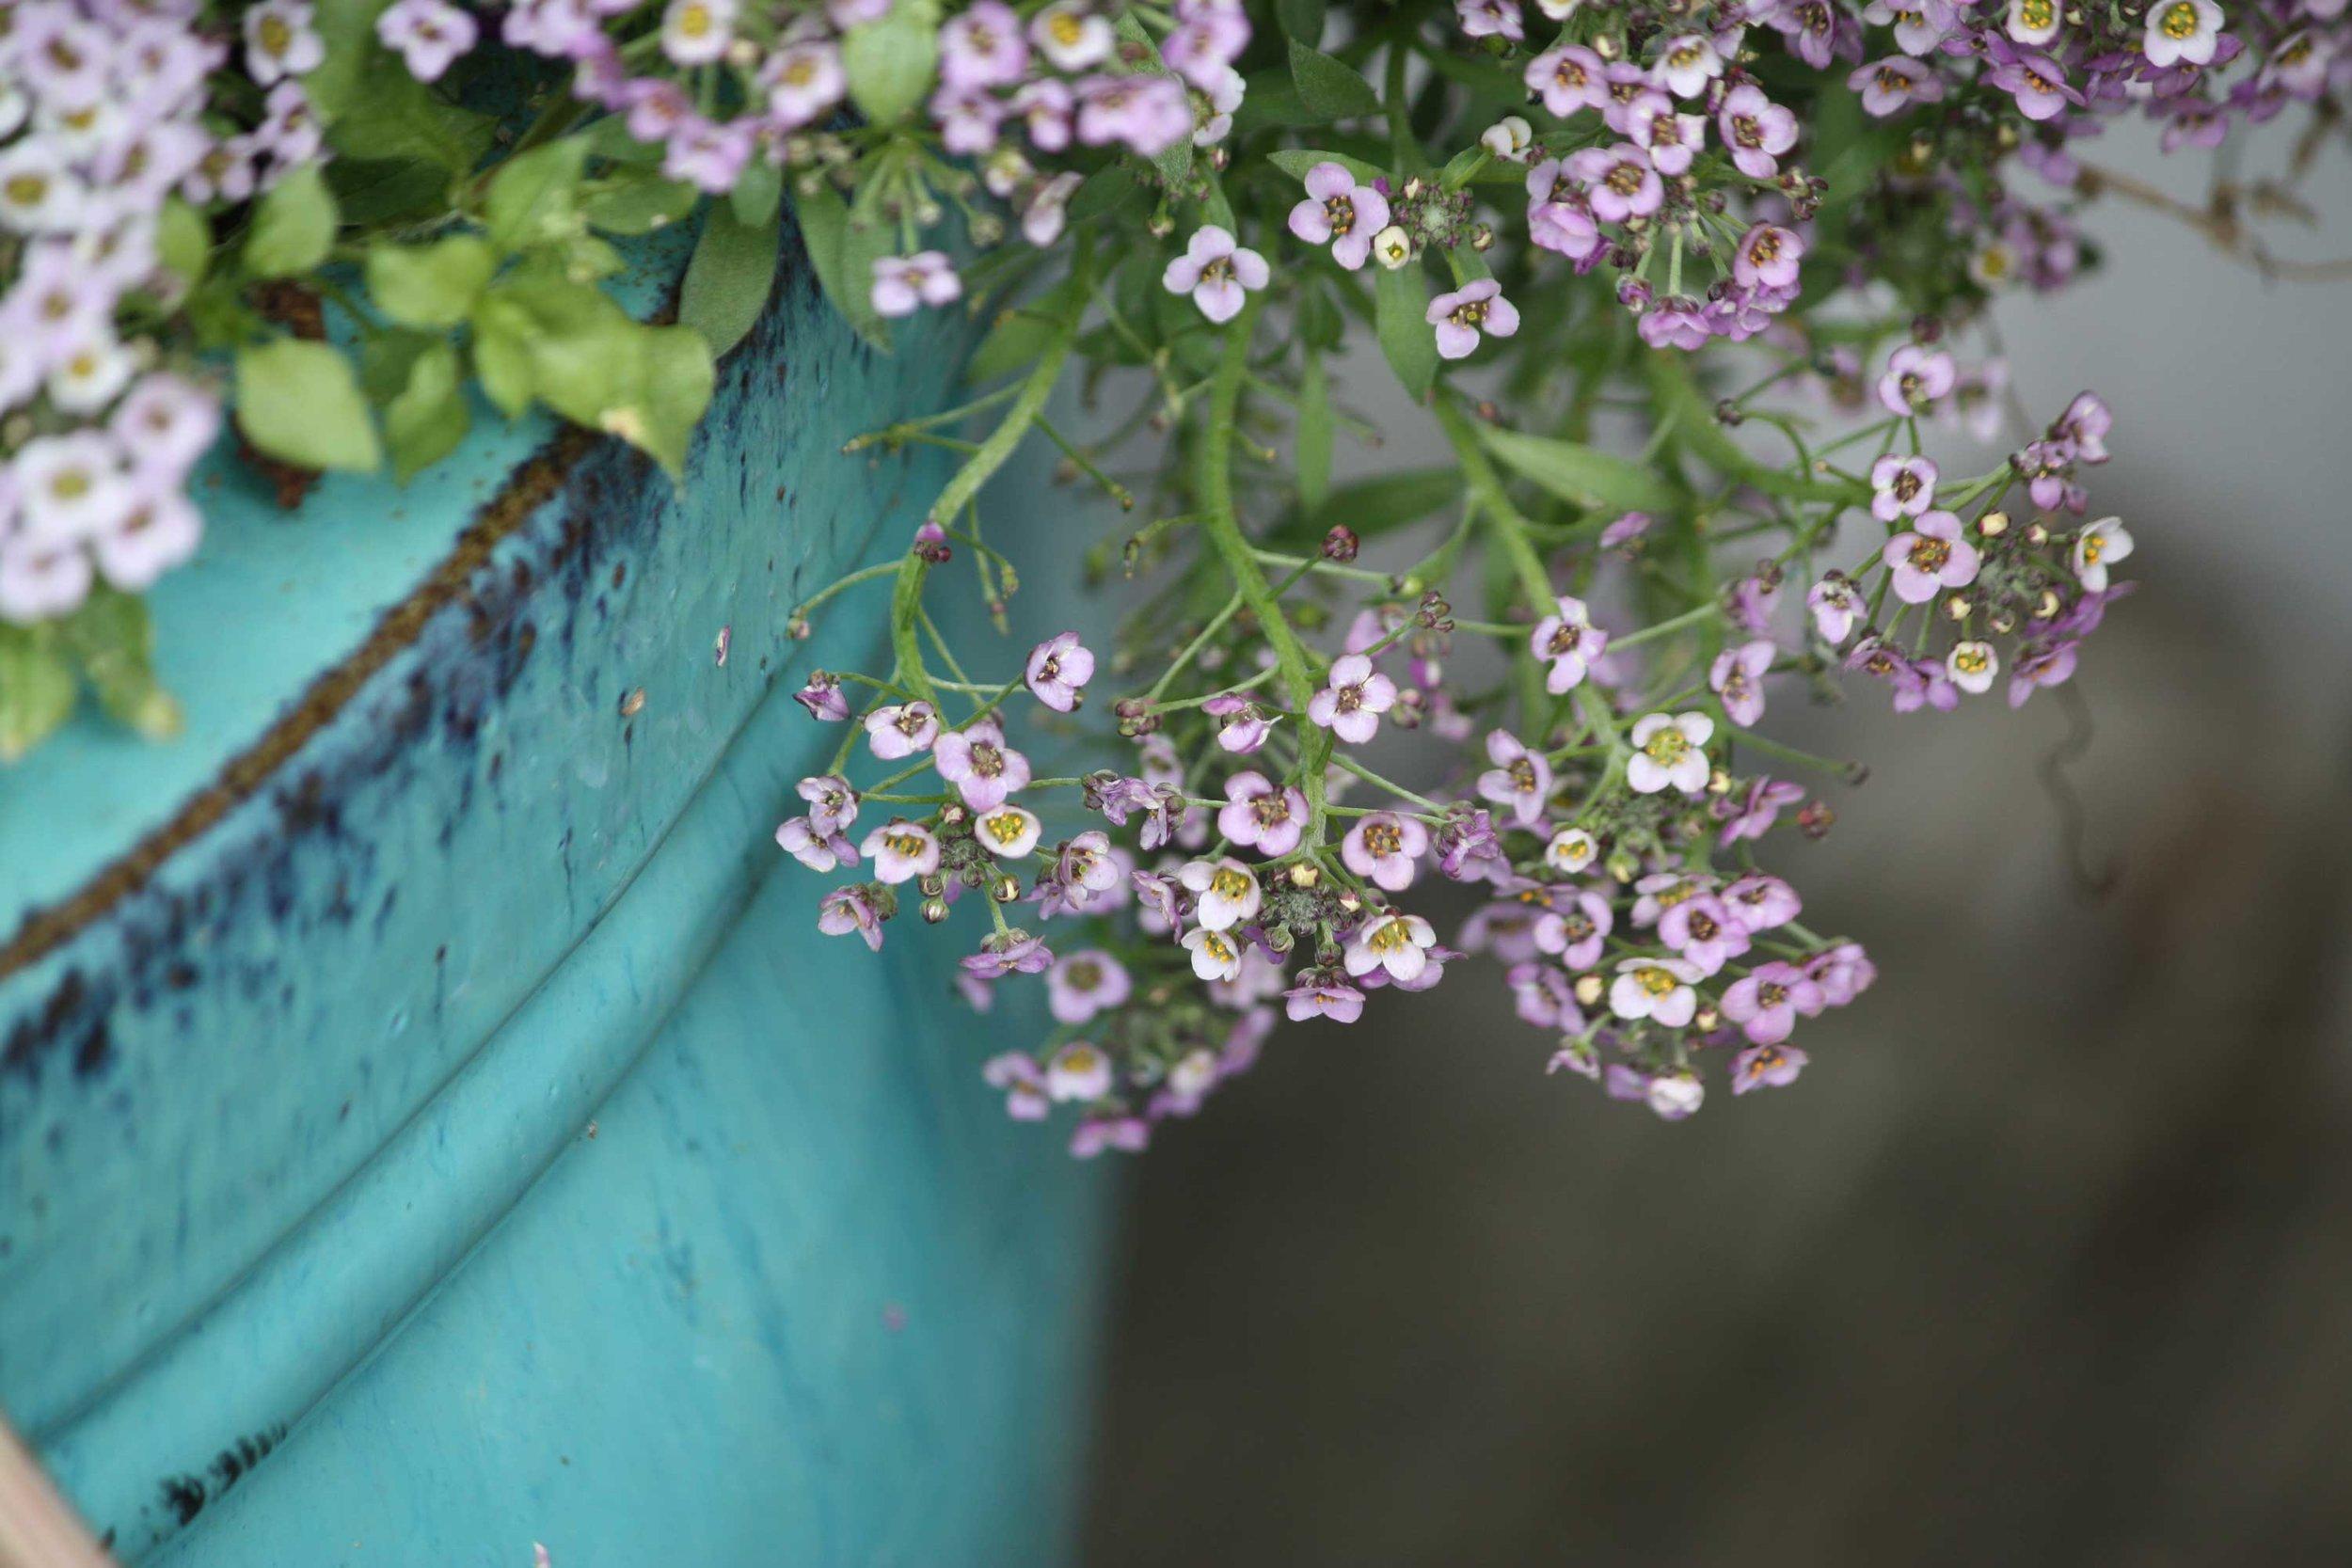 DrippingPurpleBlossoms_web.jpg